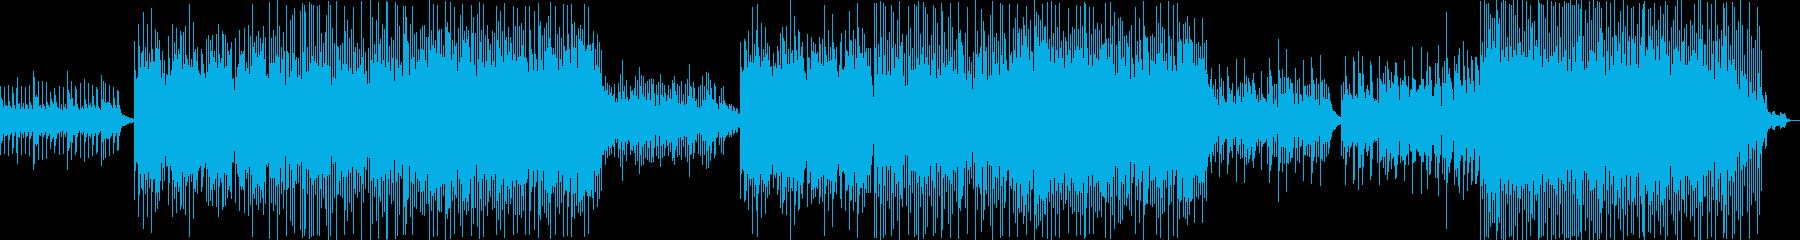 哀愁漂う美的な旋律のノスタルジックな曲の再生済みの波形